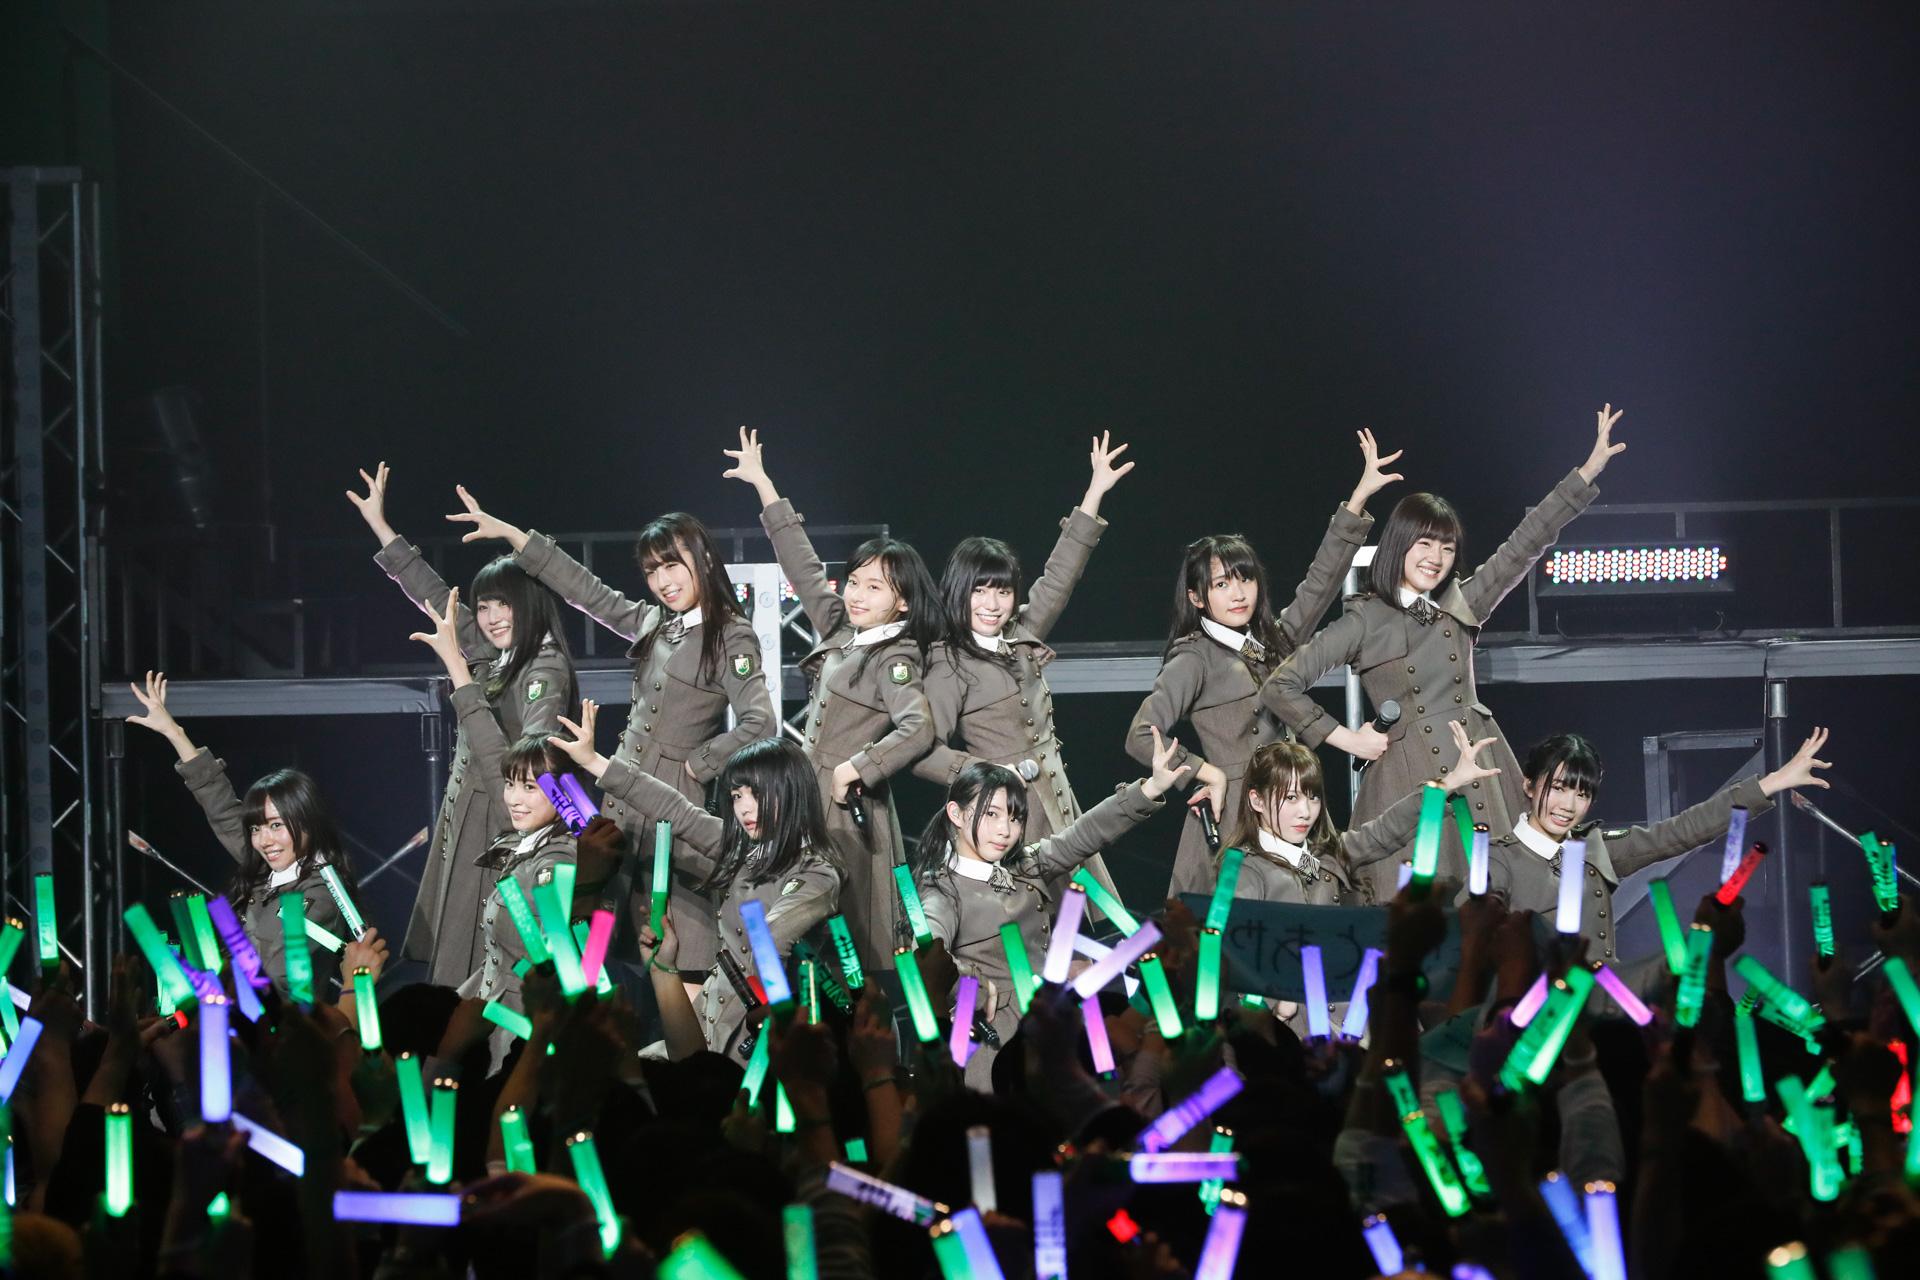 ひらがなけやき(けやき坂46)大成功のワンマン2DAYS!!ラストはやりきったメンバーたちの笑顔!